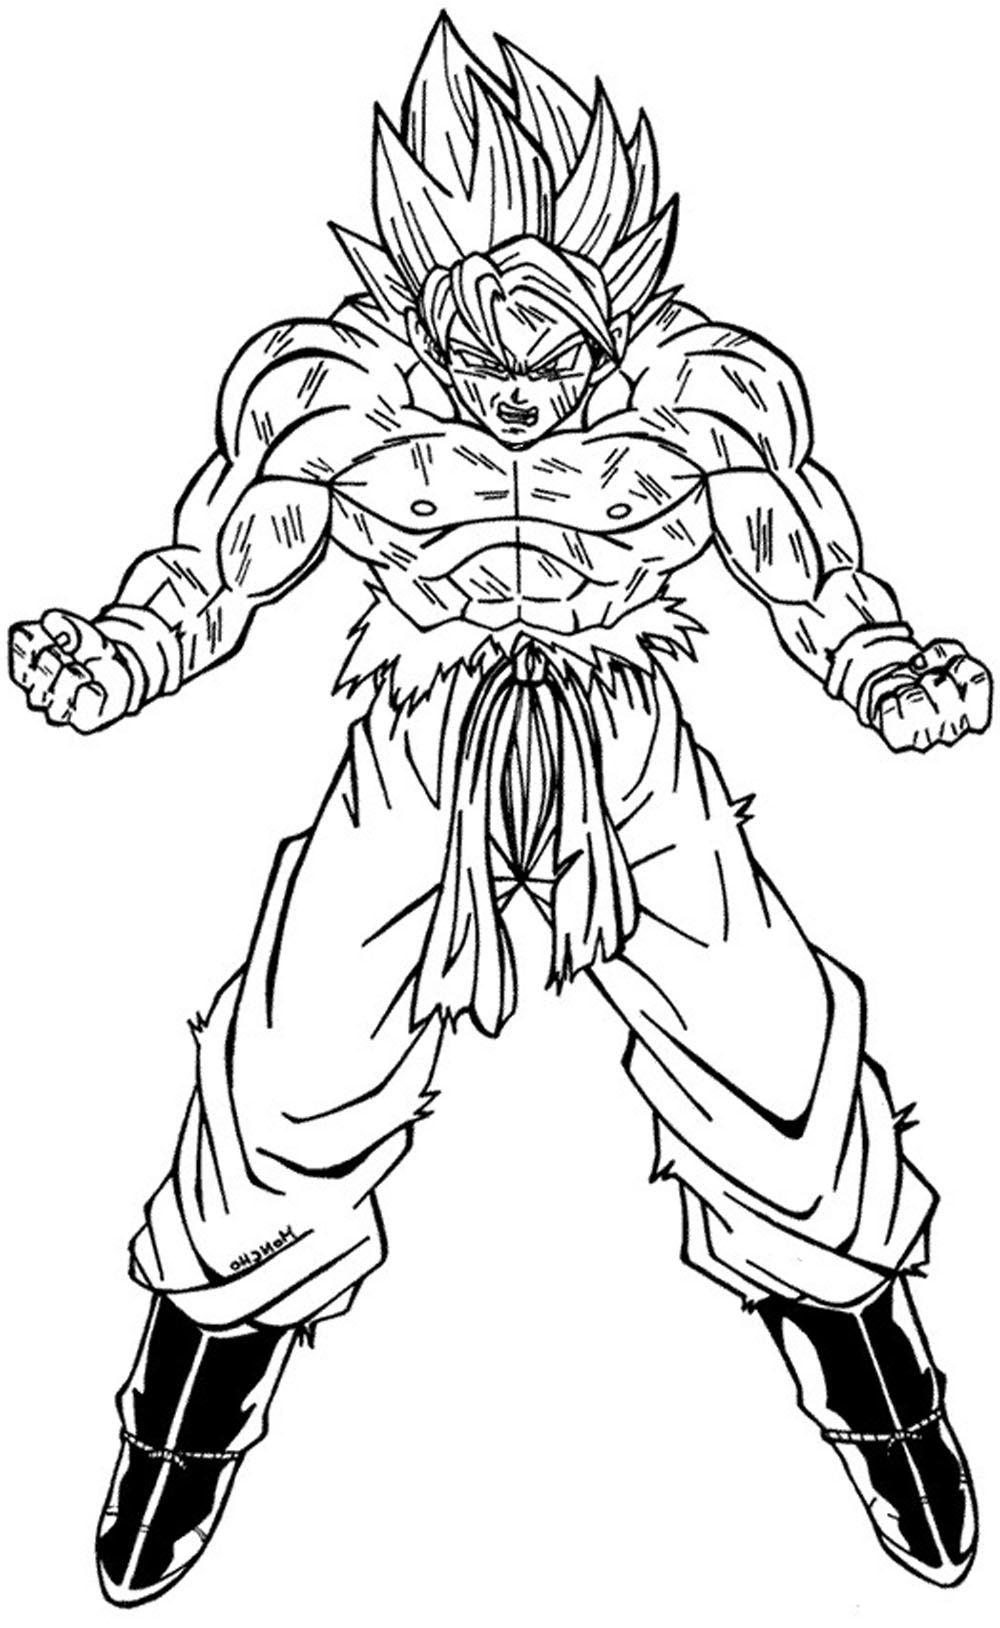 magen de Goku para colorear e imprimir | Imagen para colorear ...